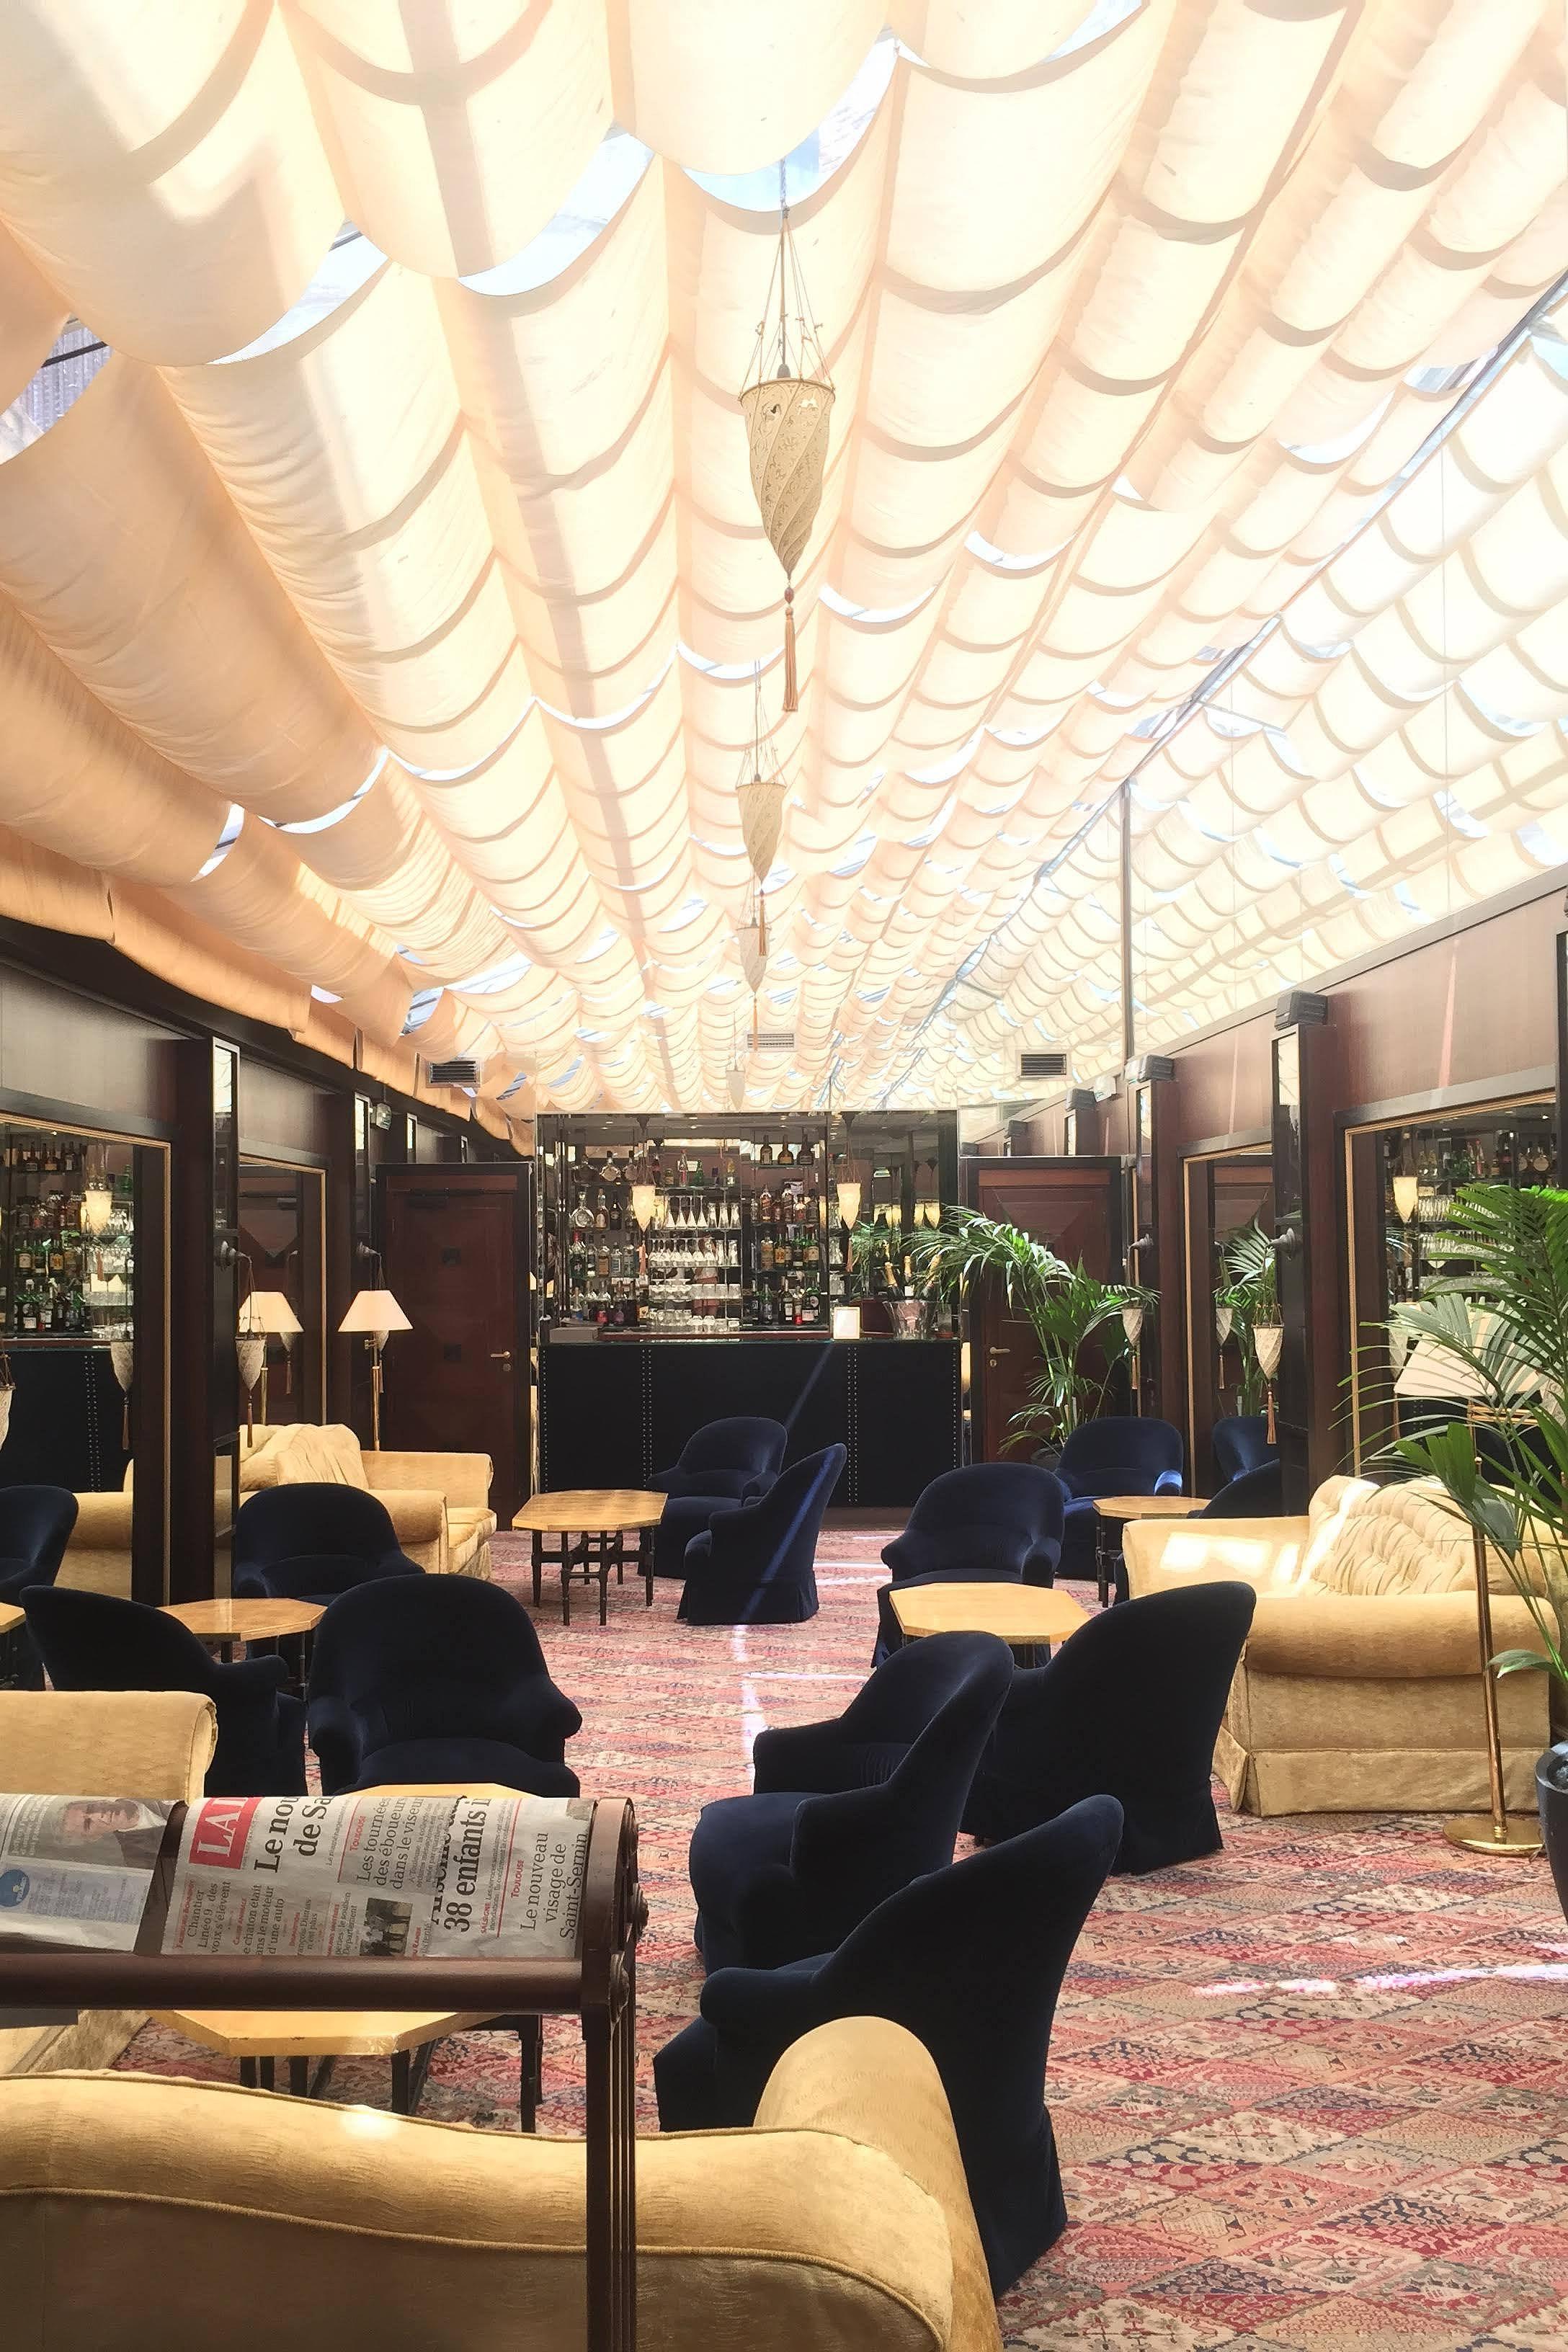 Grand Hôtel de l'Opéra | Toulouse, France - Coming Soon